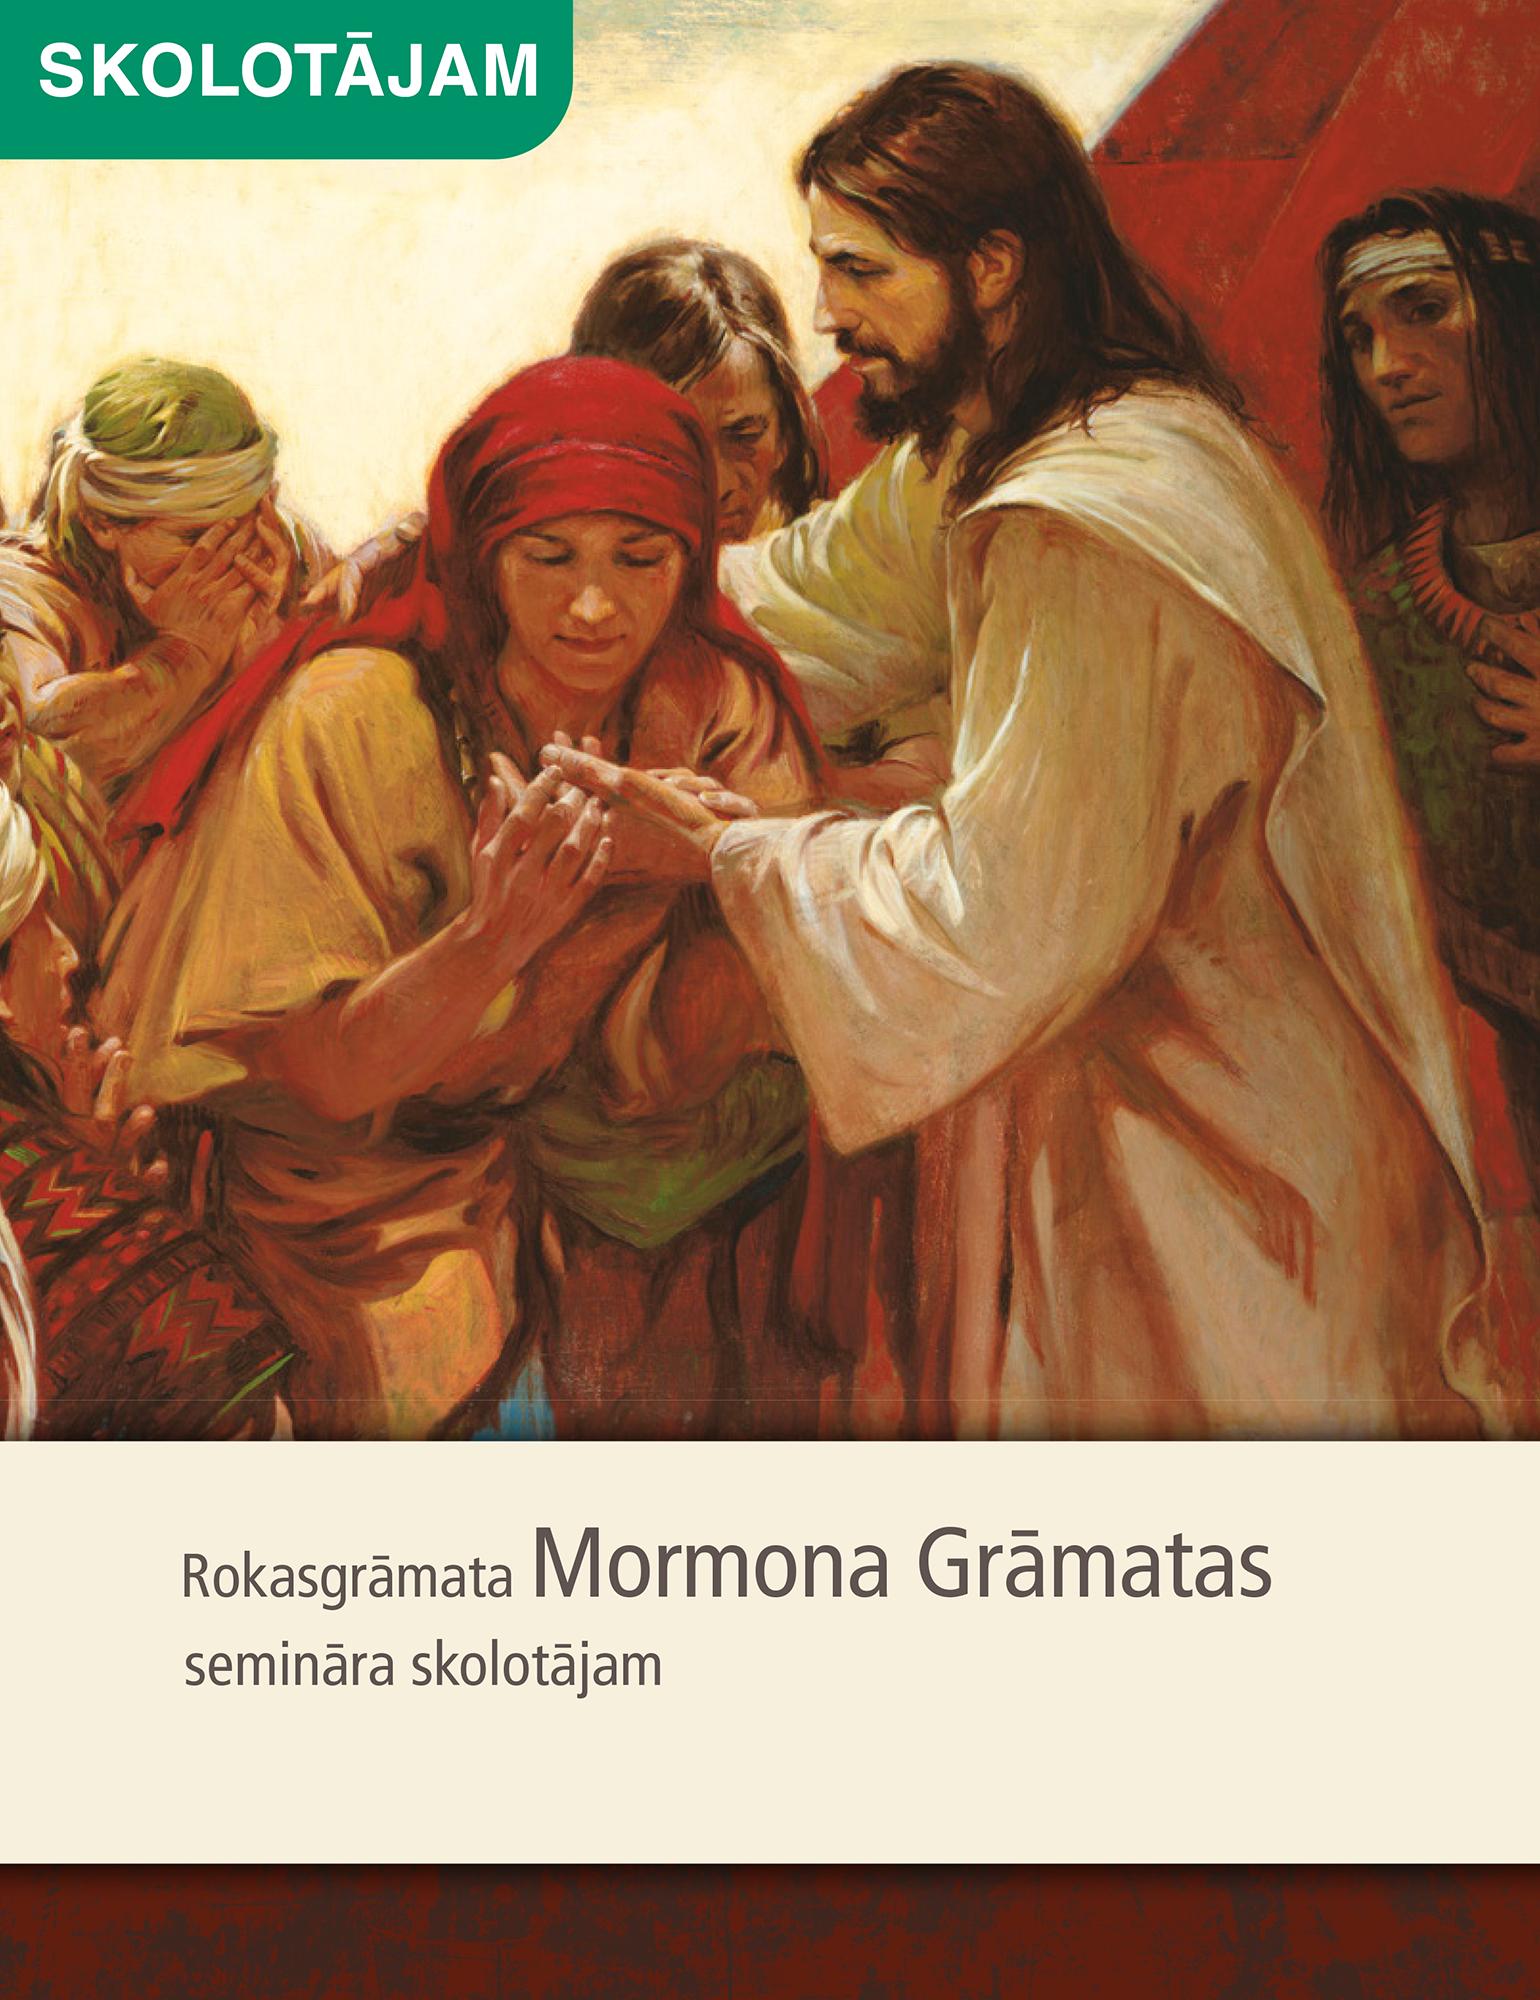 Rokasgrāmata Mormona Grāmatas semināra skolotājam